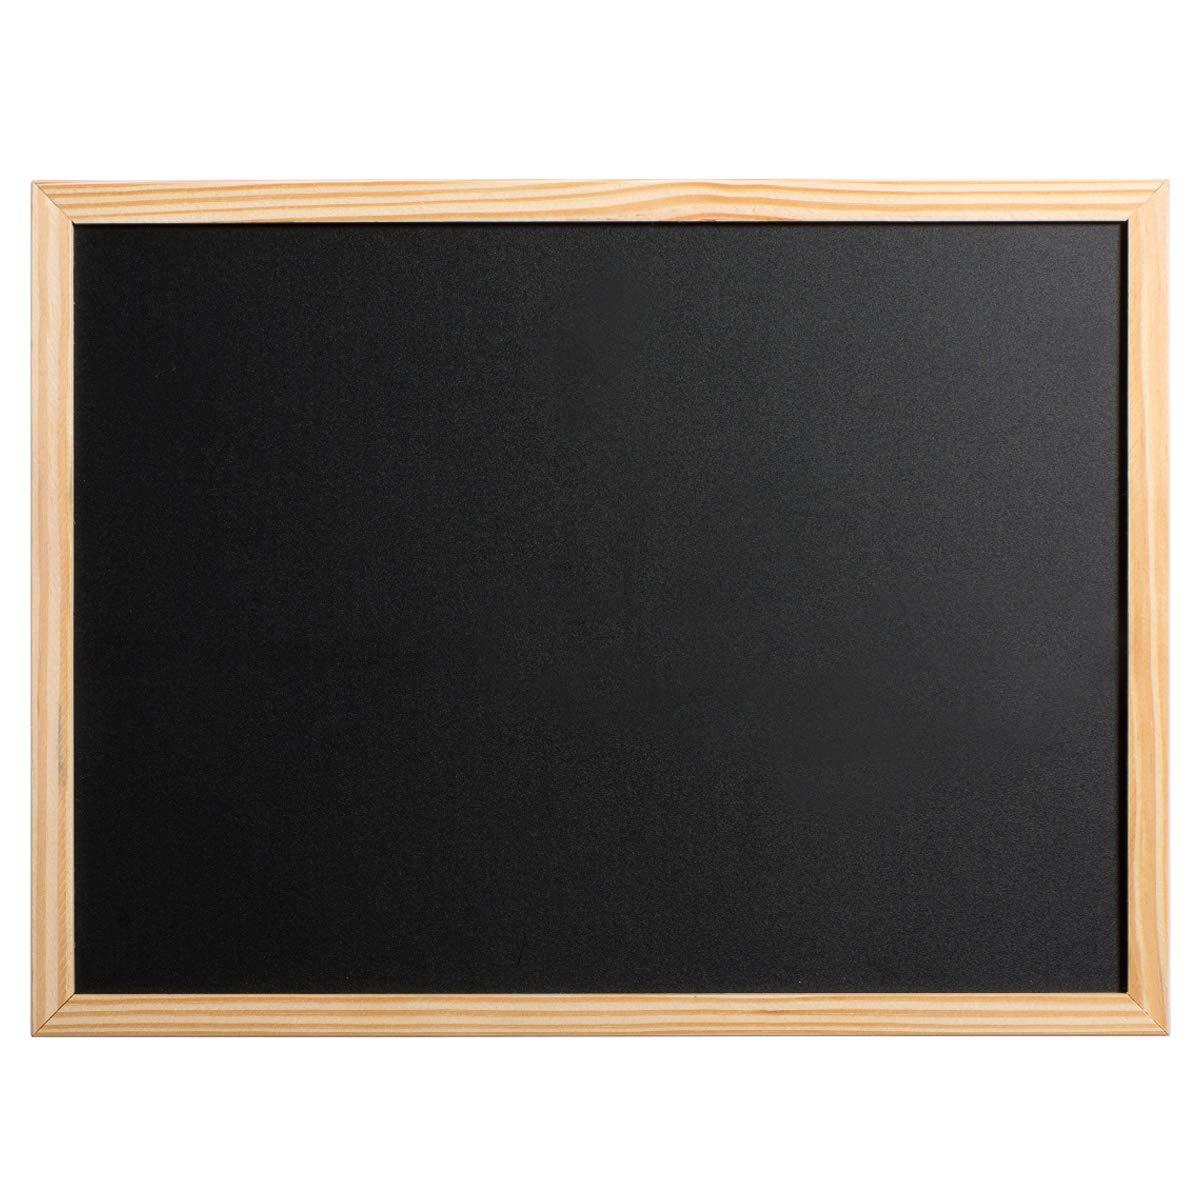 Marble Field 16'x12' Chalkboard Wall Mounted Blackboard Signboard Kitchen Board, Wood Frame